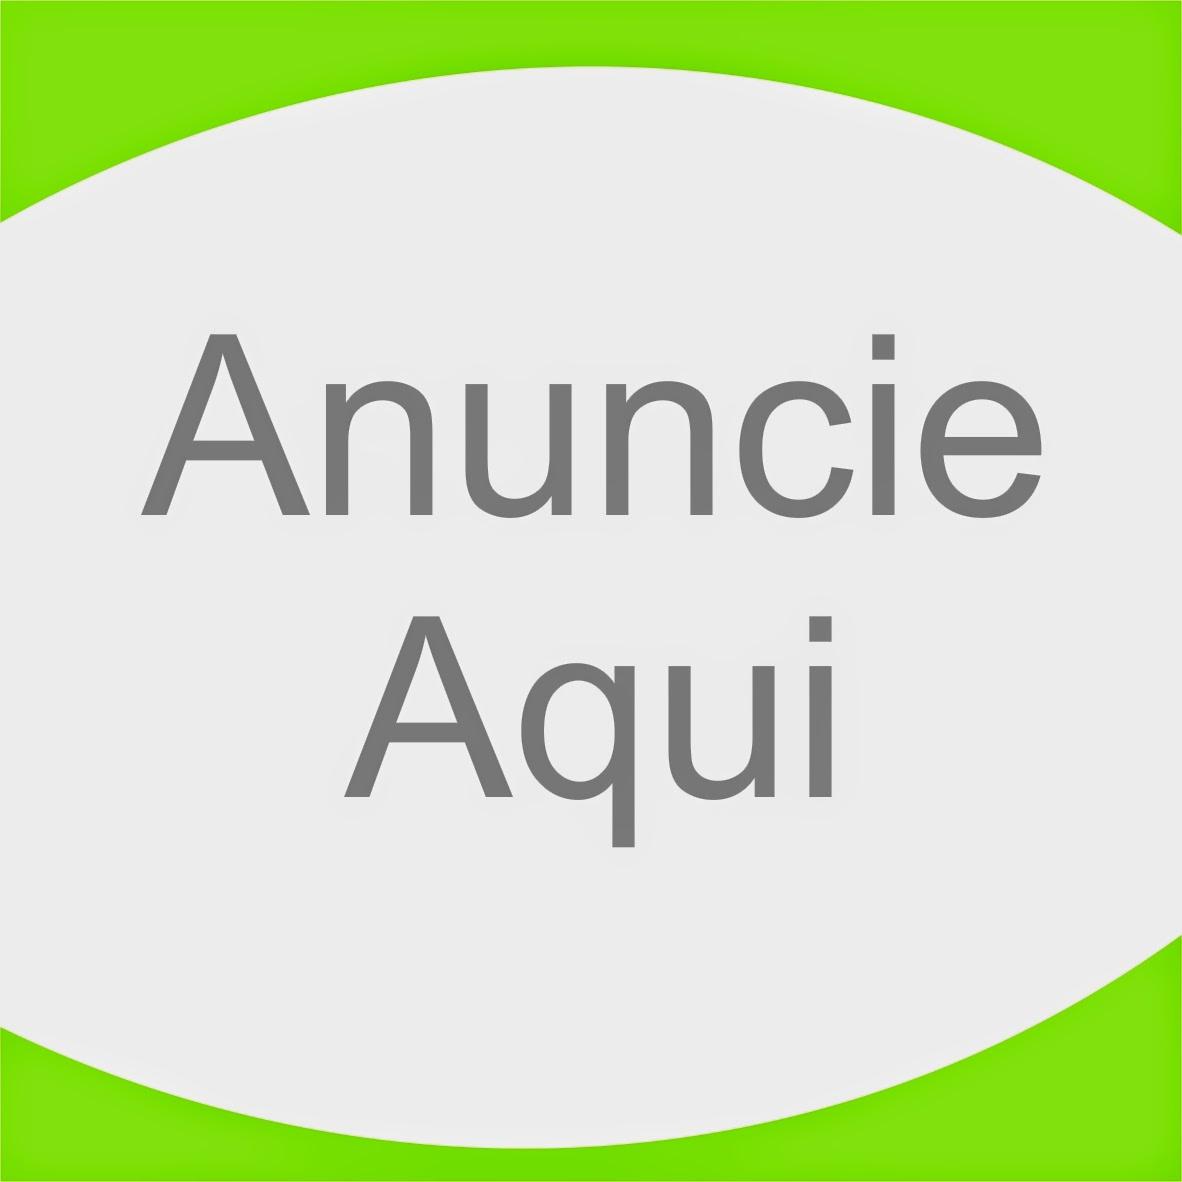 Anucie